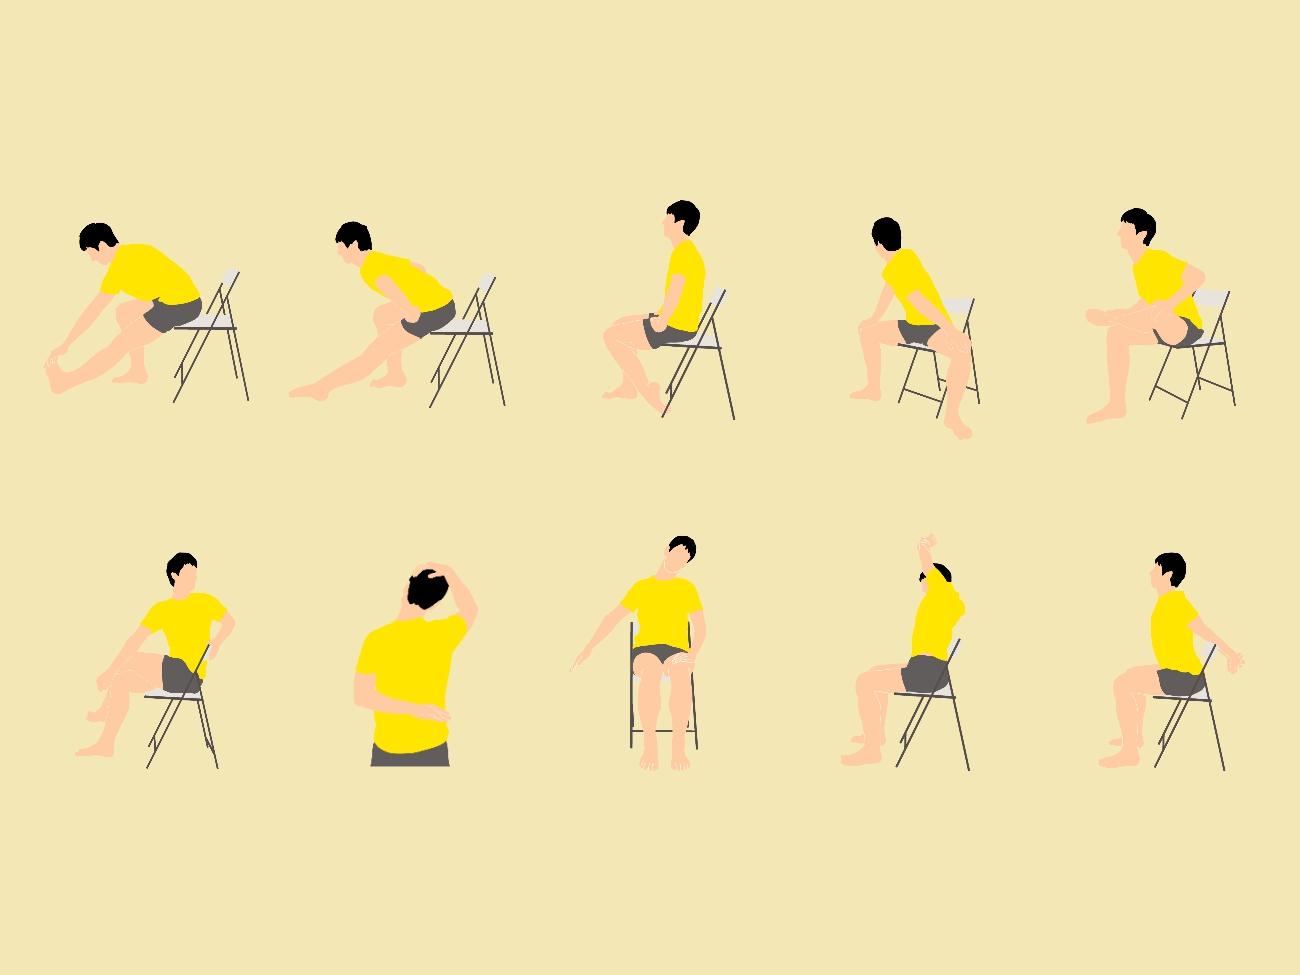 椅子に座ったままここまでストレッチできる!16種のストレッチで全身スッキリ